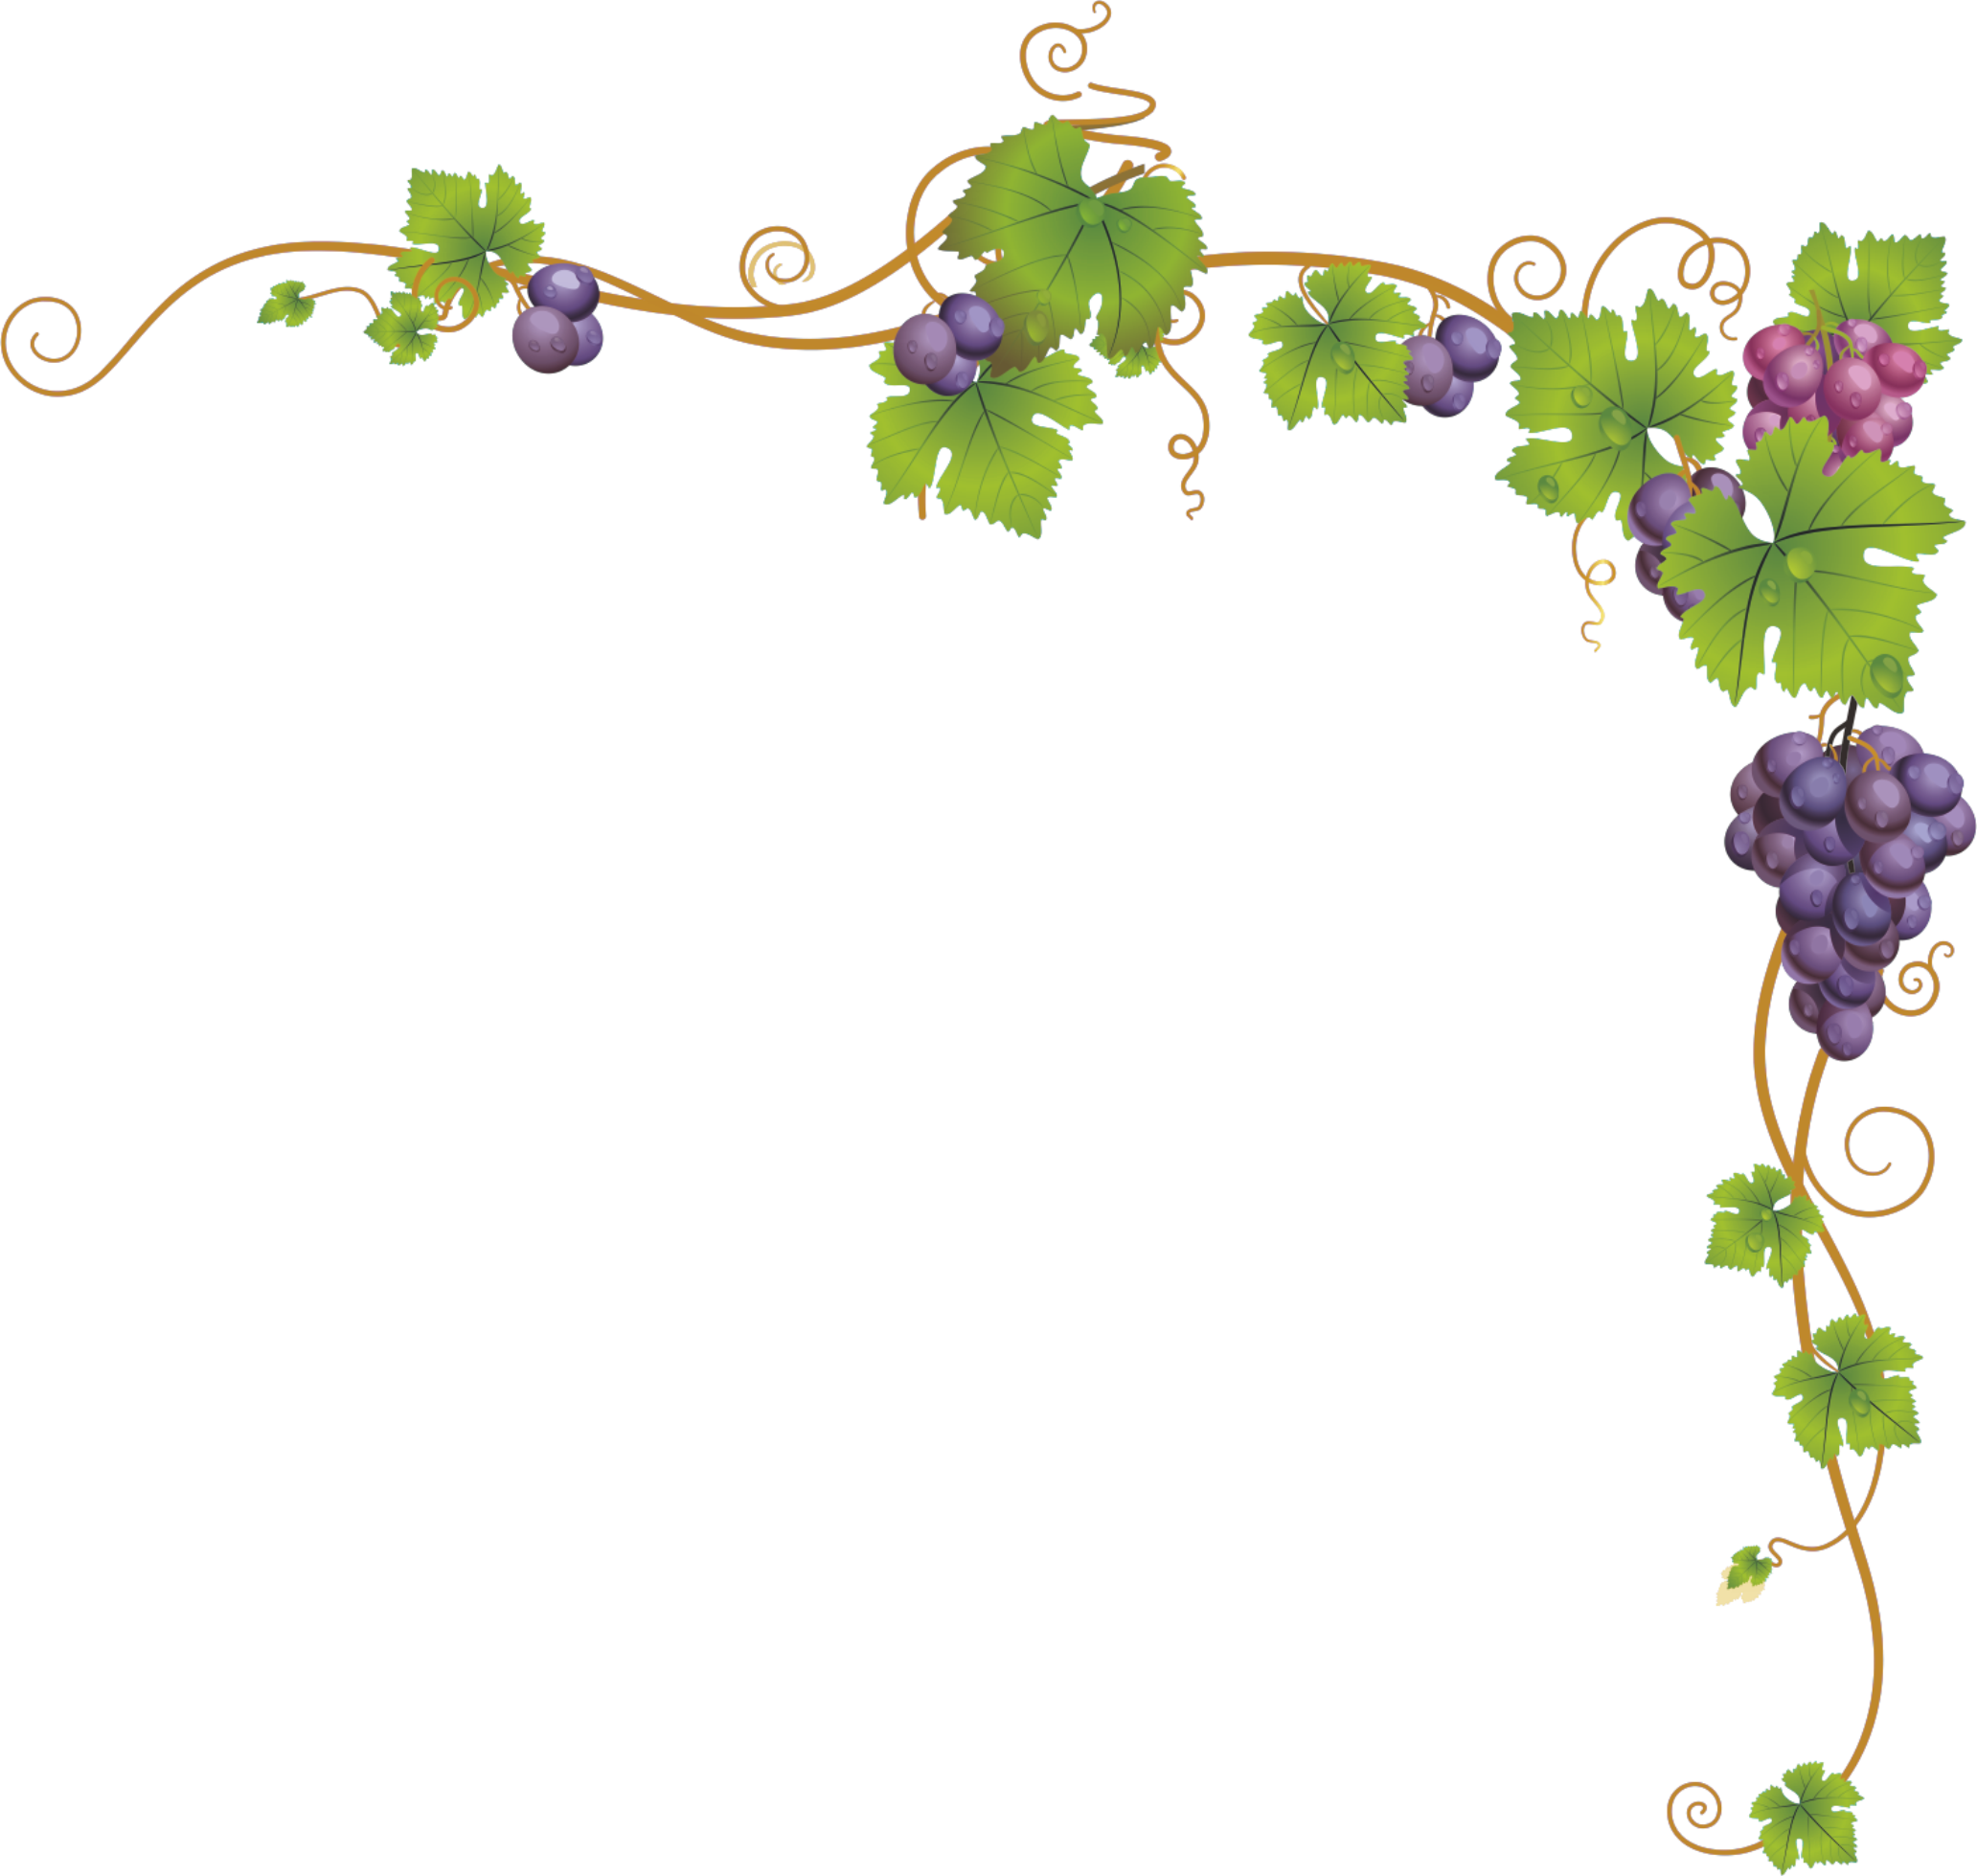 Grapes clipart watermelon vine. Church service child dendrite